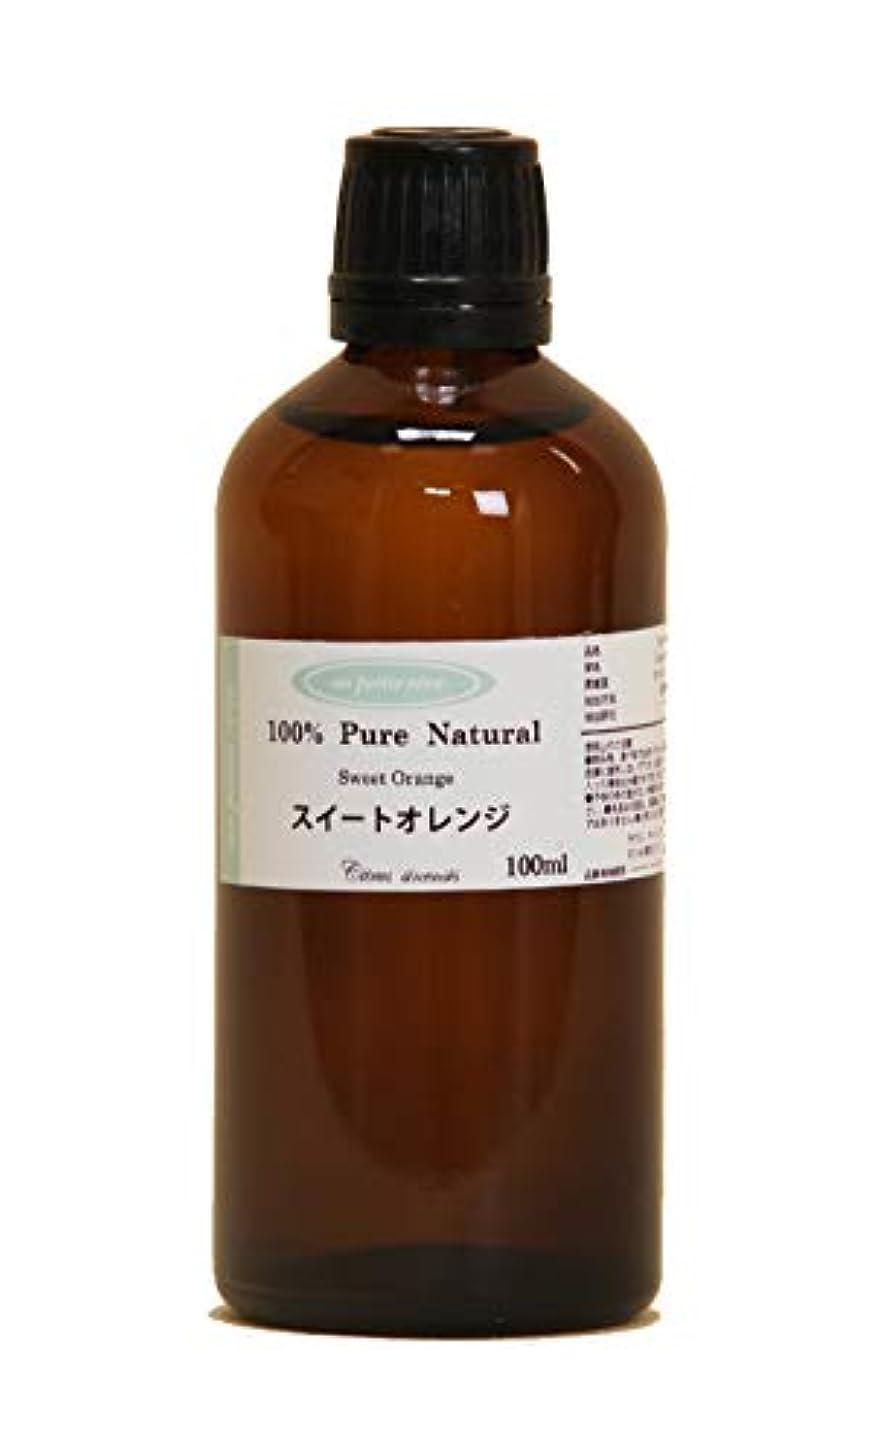 スイートオレンジ 100ml 100%天然アロマエッセンシャルオイル(精油)